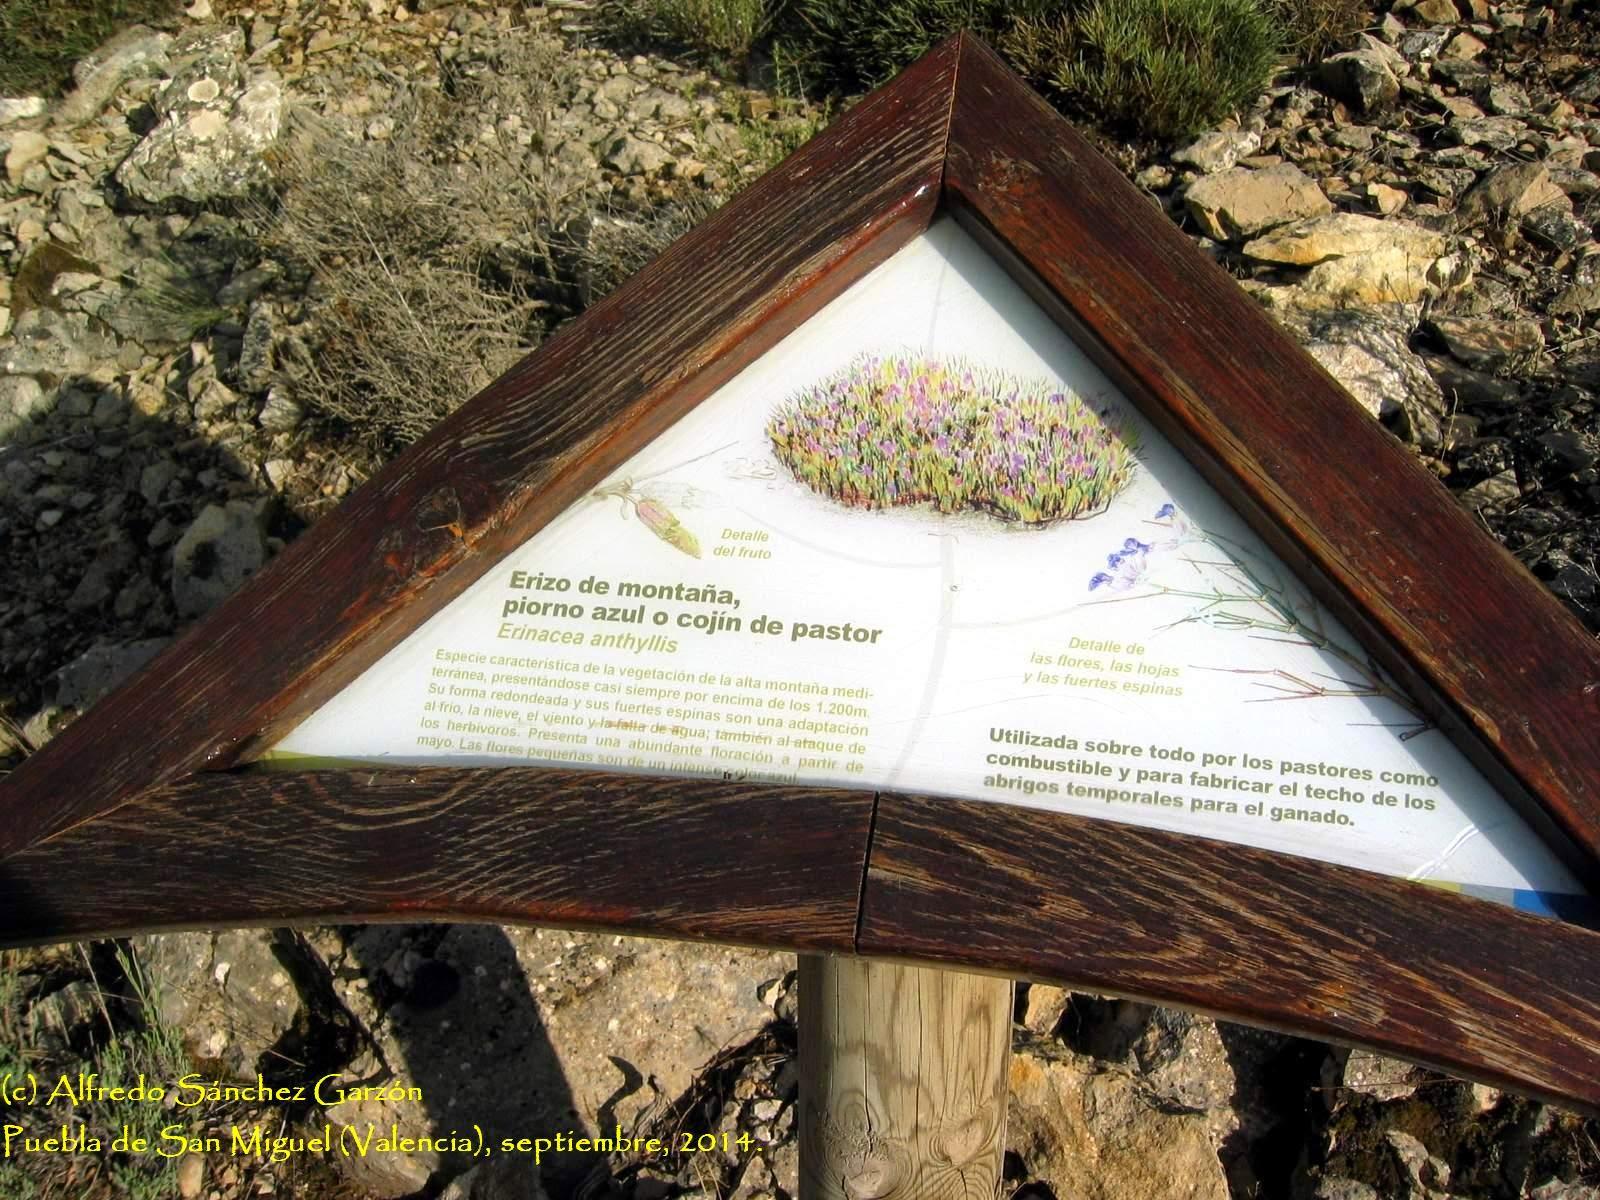 puebla-san-miguel-erizo-montaña